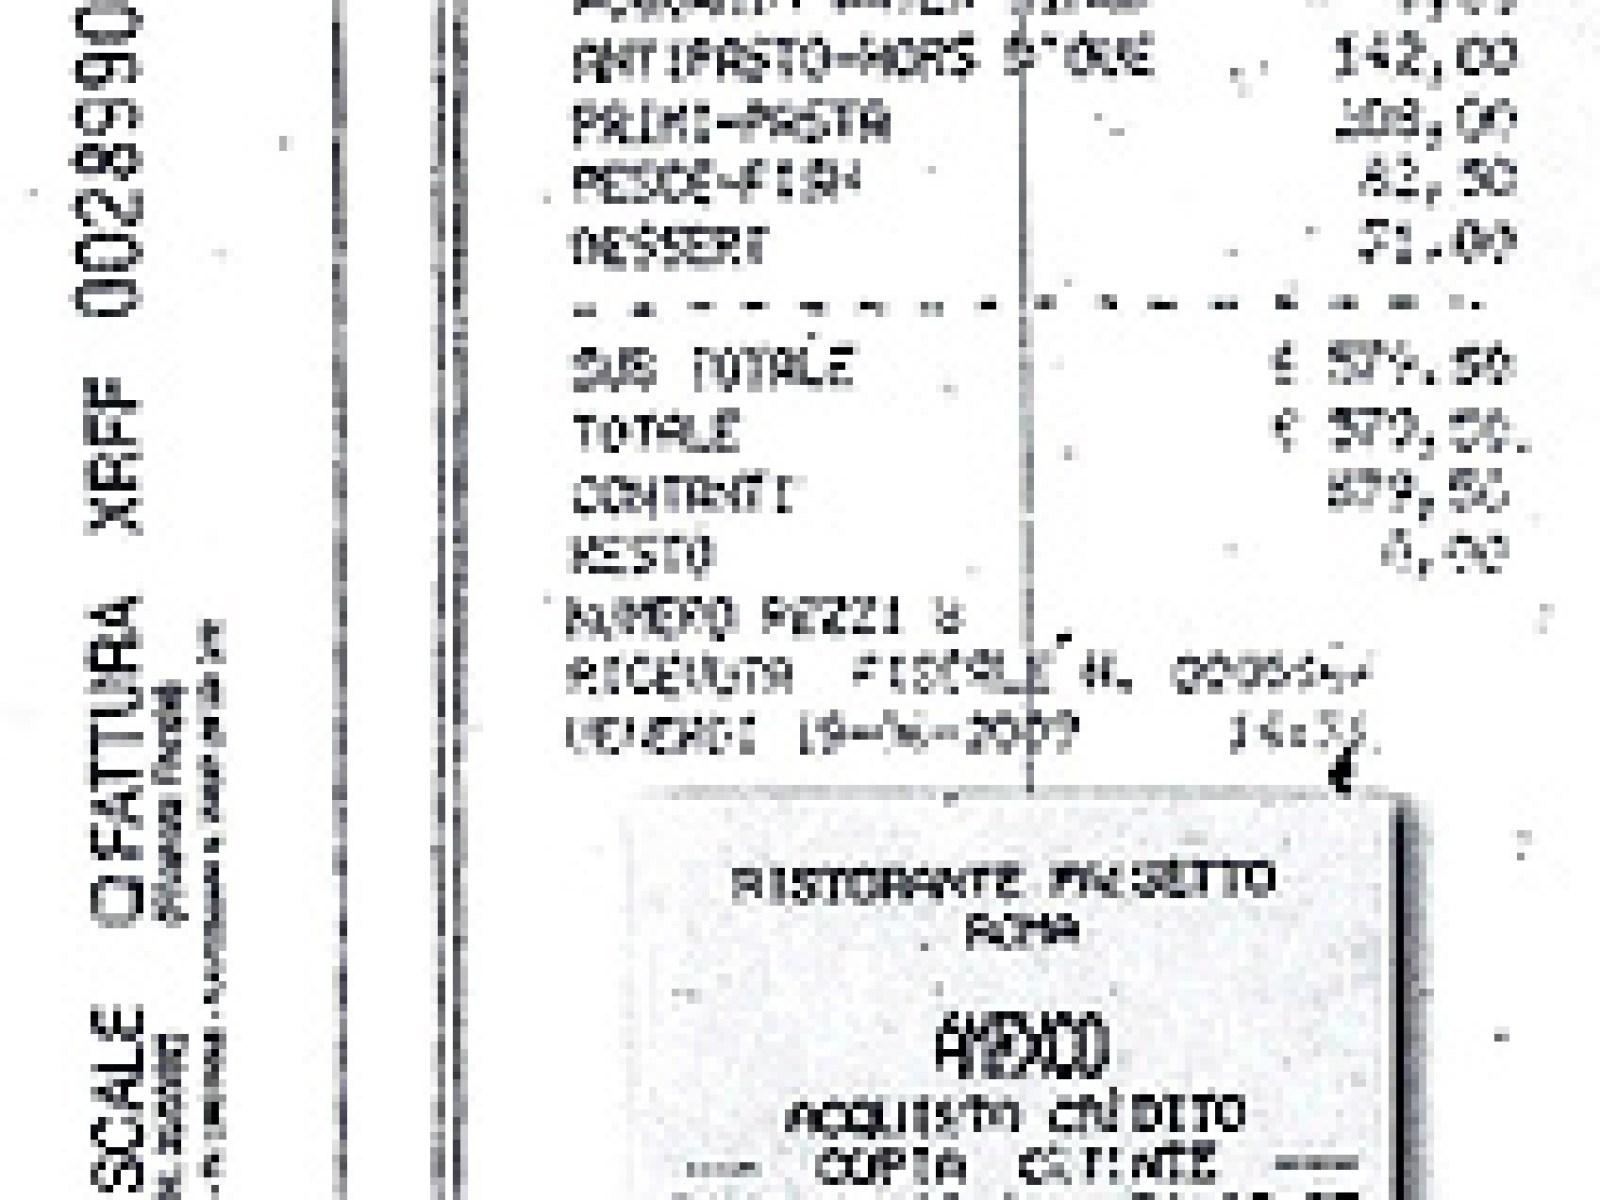 Scontrino e ricevuta fiscale del Passetto